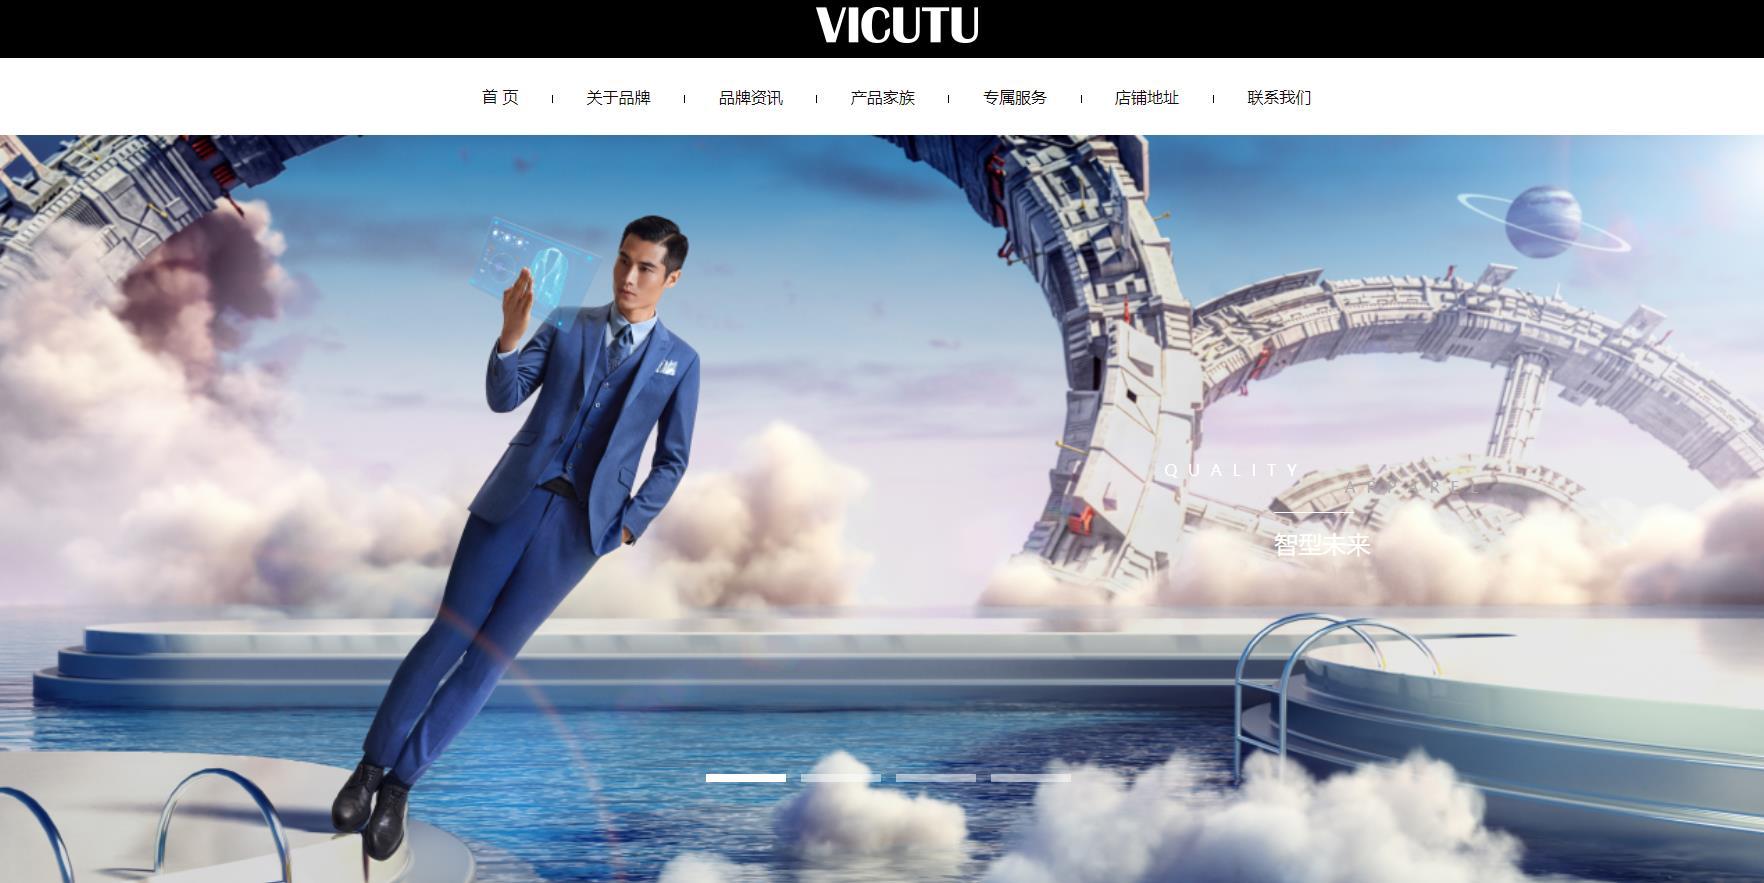 威克多(vicutu)官网 威克多男装官方旗舰店